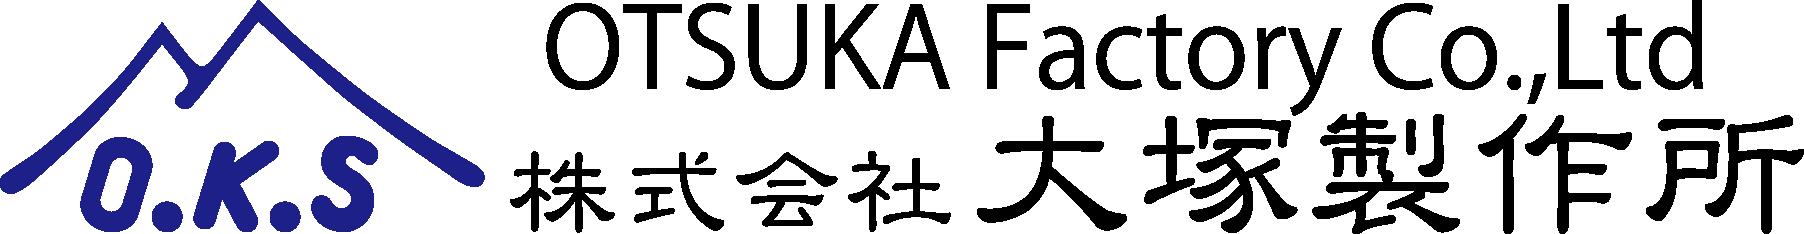 株式会社大塚製作所